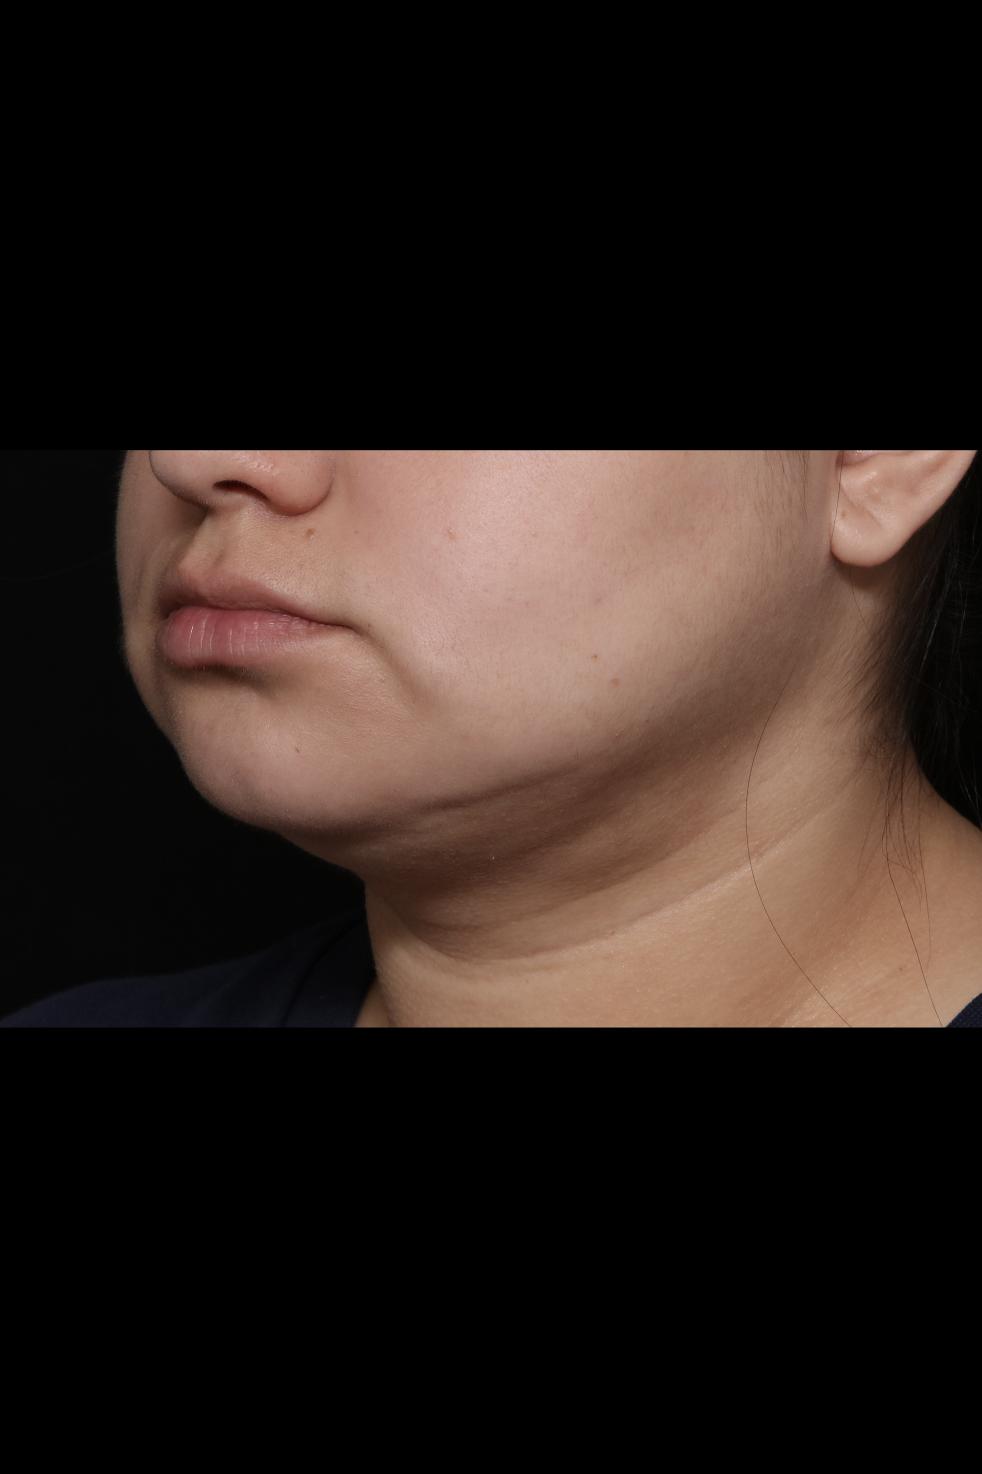 After Neck Liposuction - Oblique